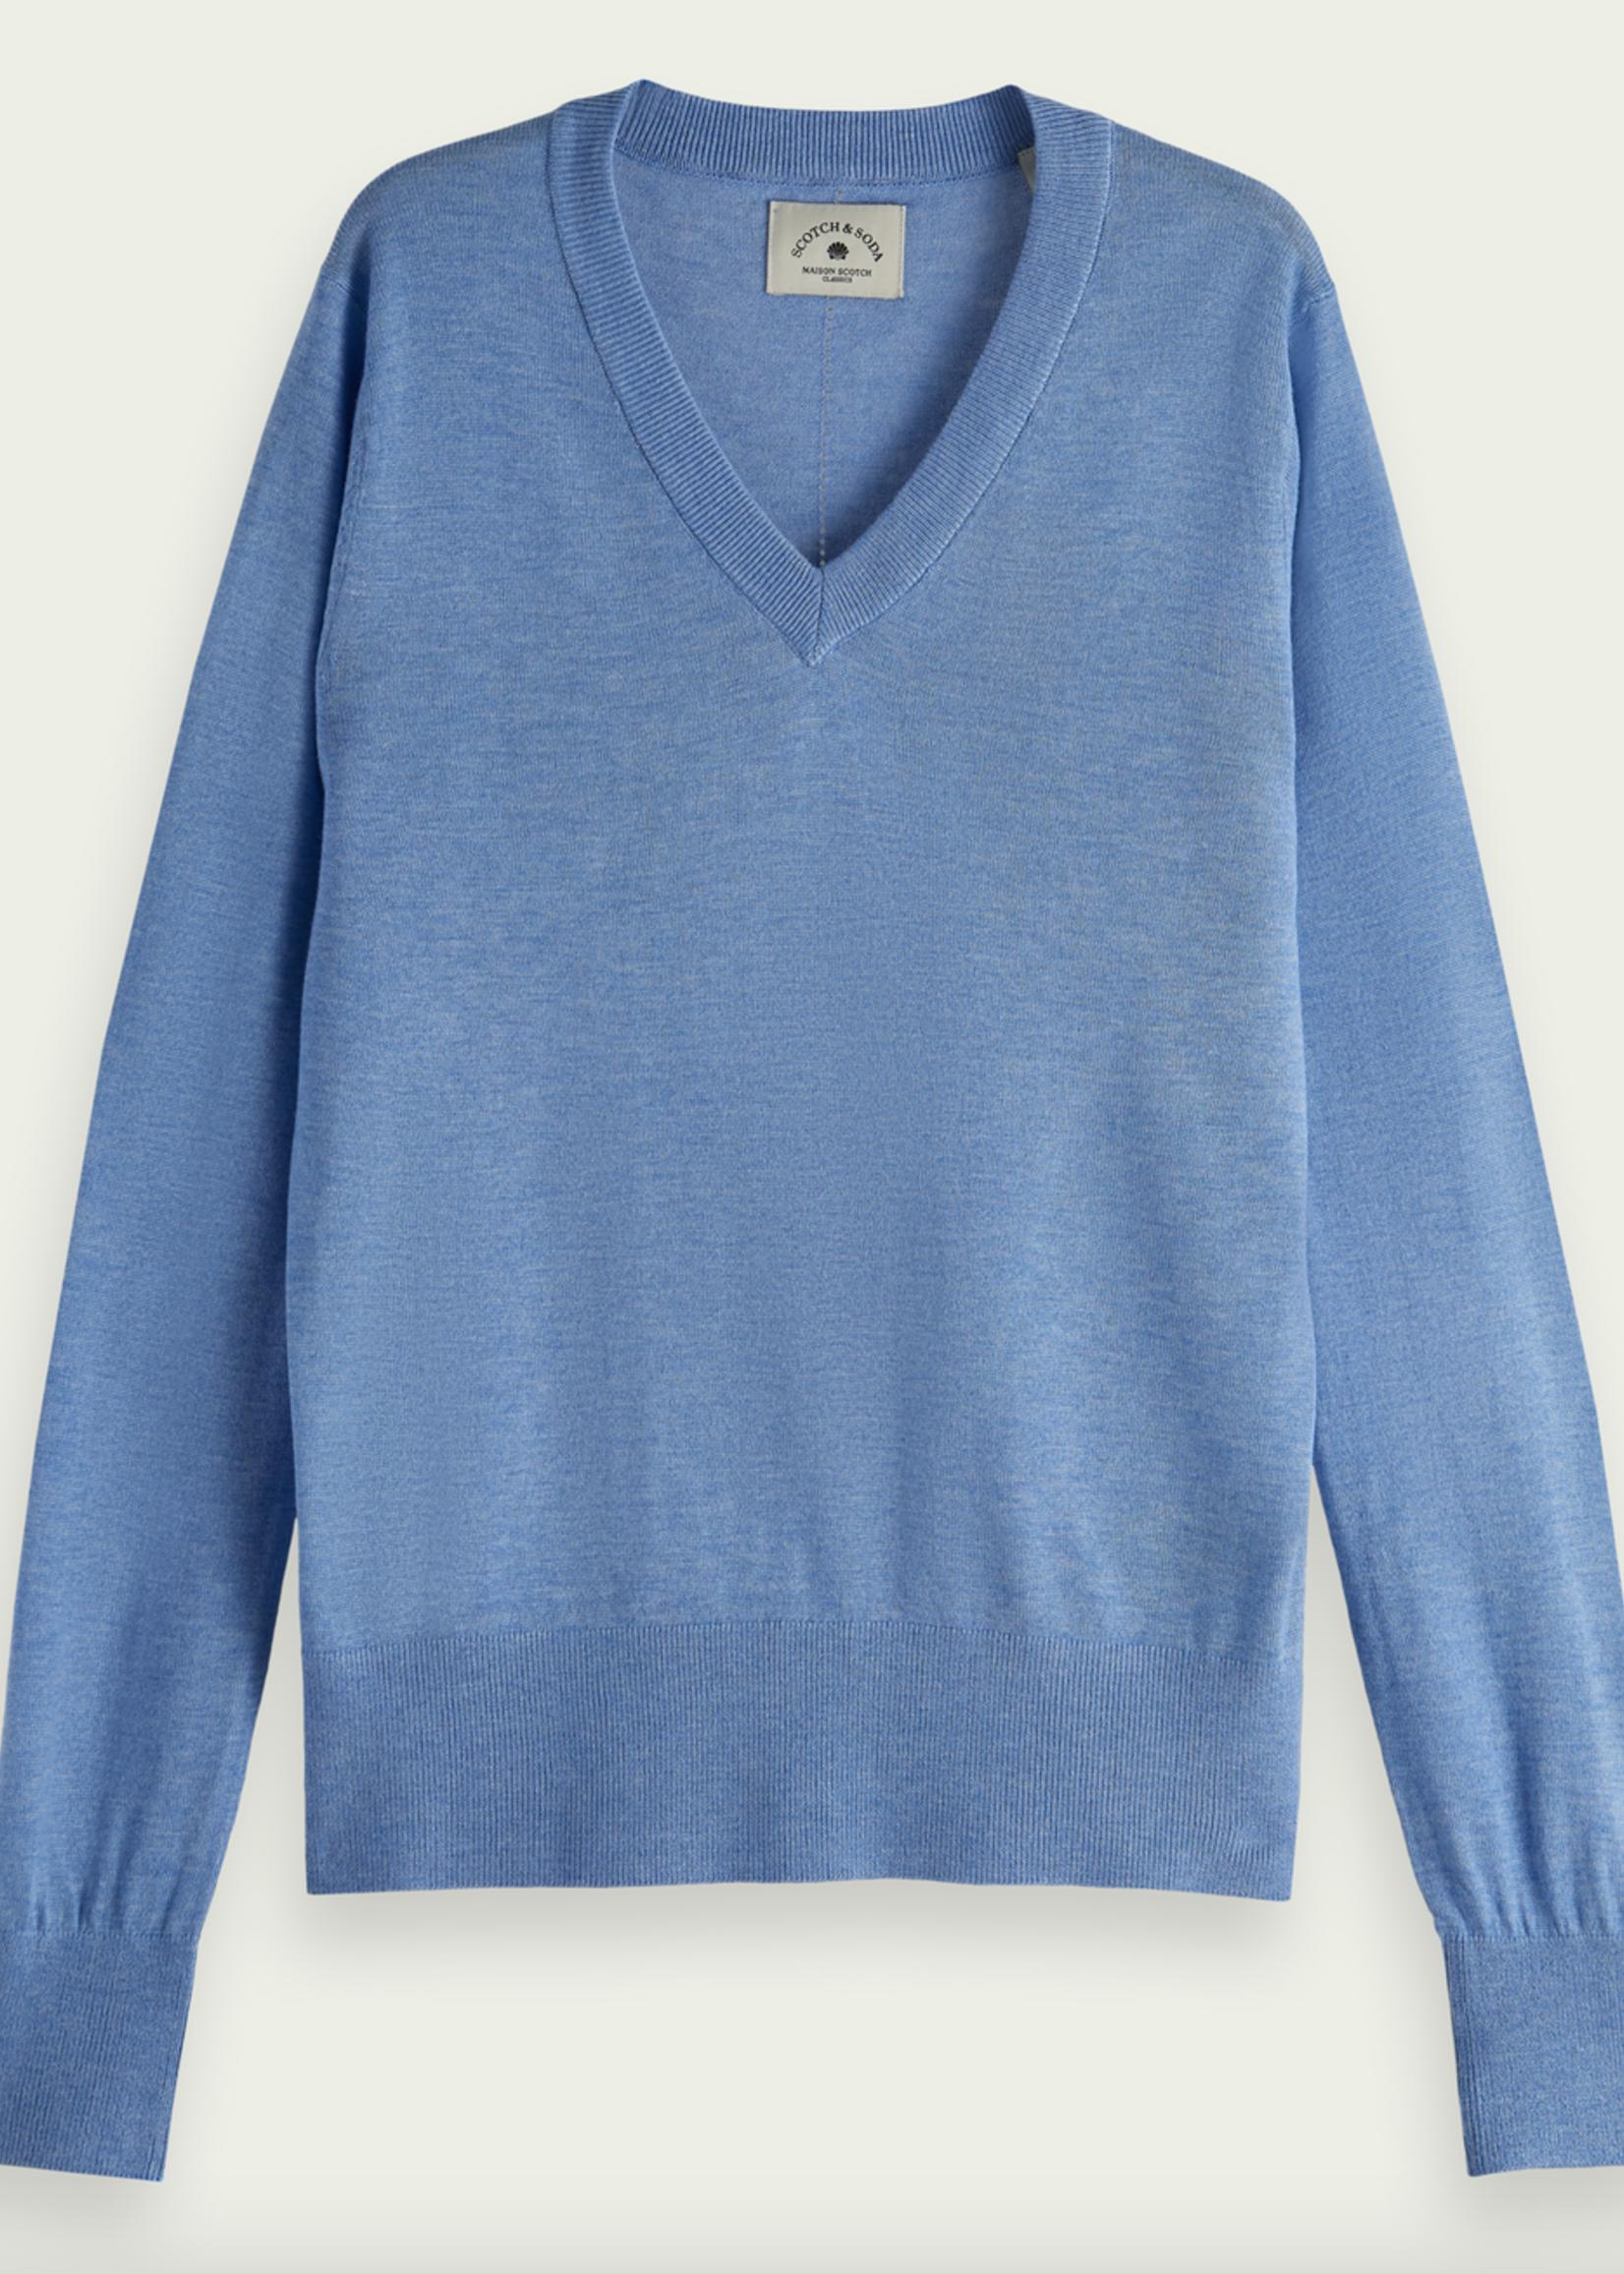 Scotch & Soda French Connection Sky Blue Lightweight V-neck Knit